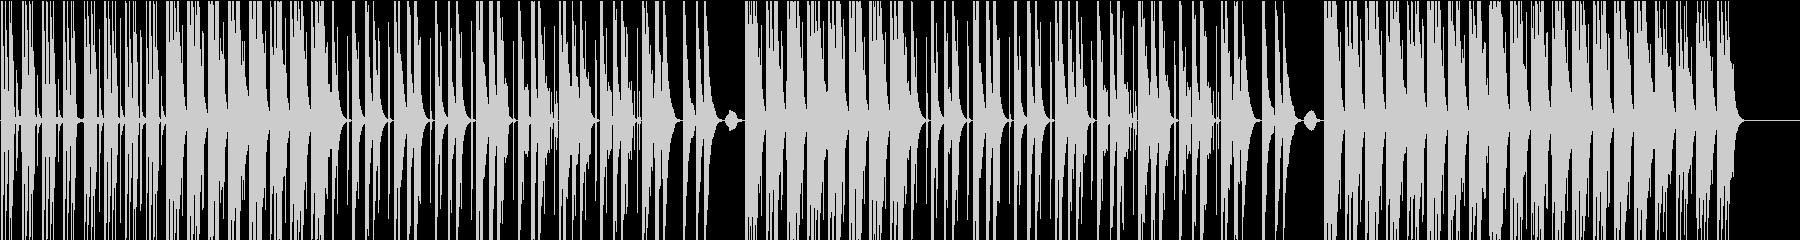 お洒落で綺麗なメロのHIPHOP、R&Bの未再生の波形